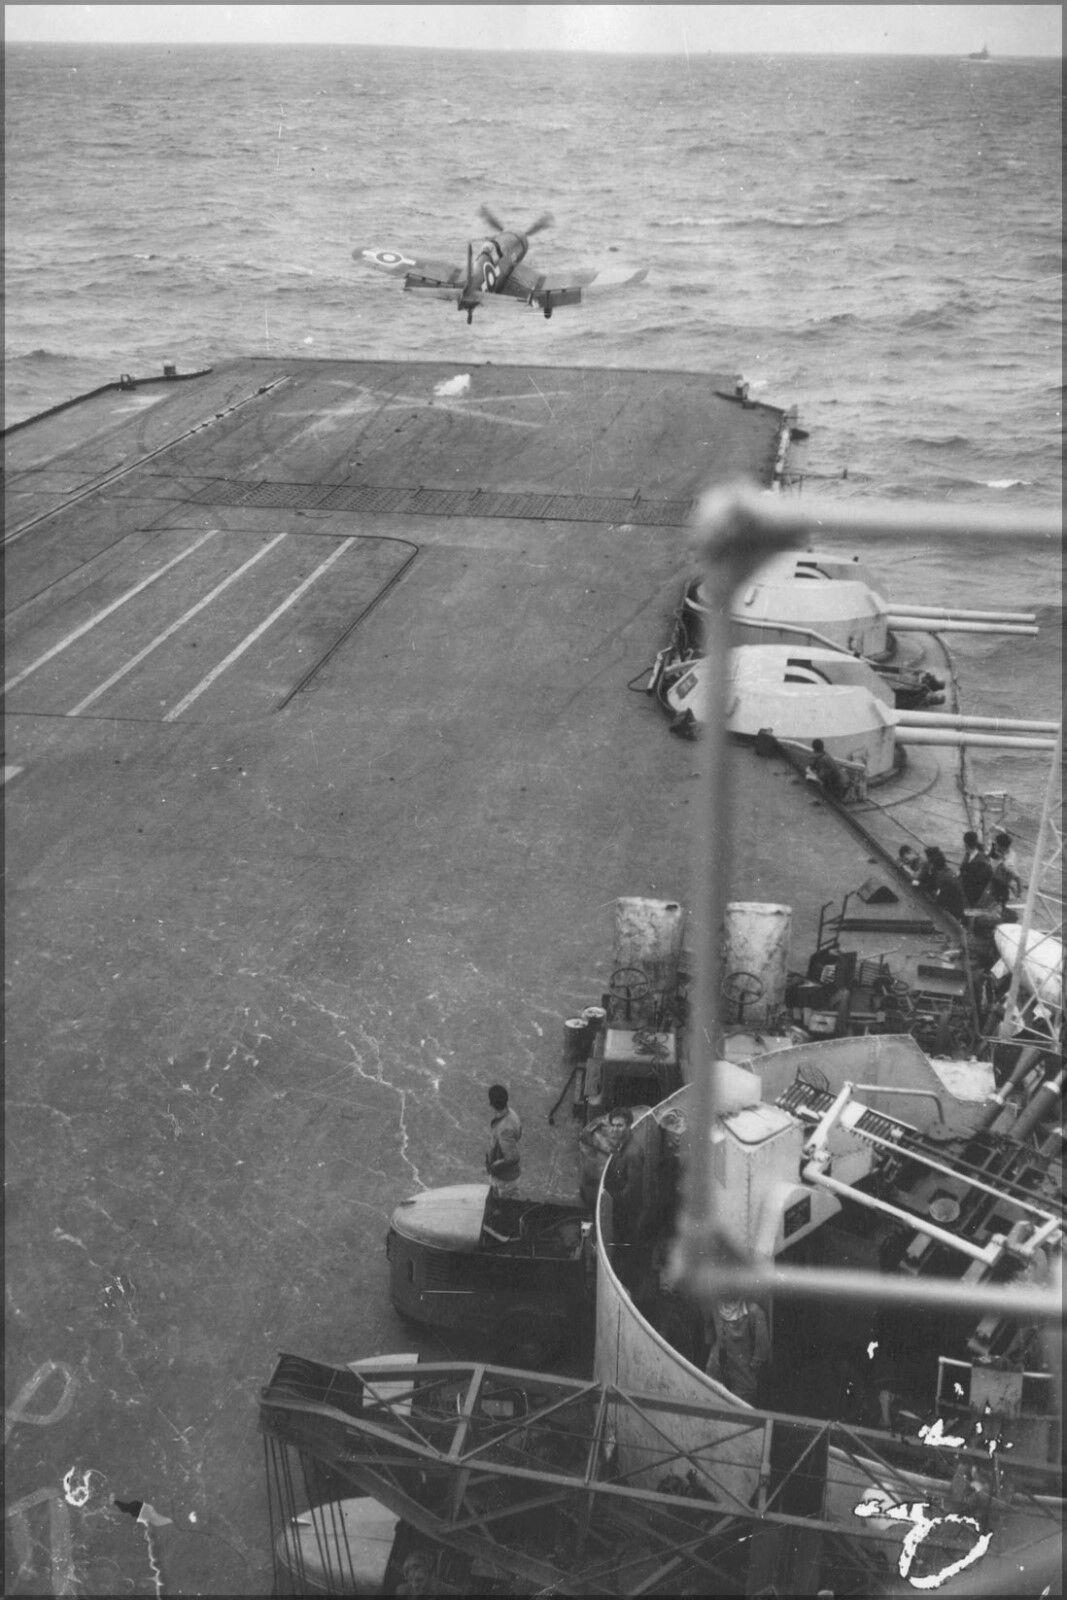 Plakat, Viele Größen; Corsair Jagdbomber, Hms Illustrious, Japanisch Wasser